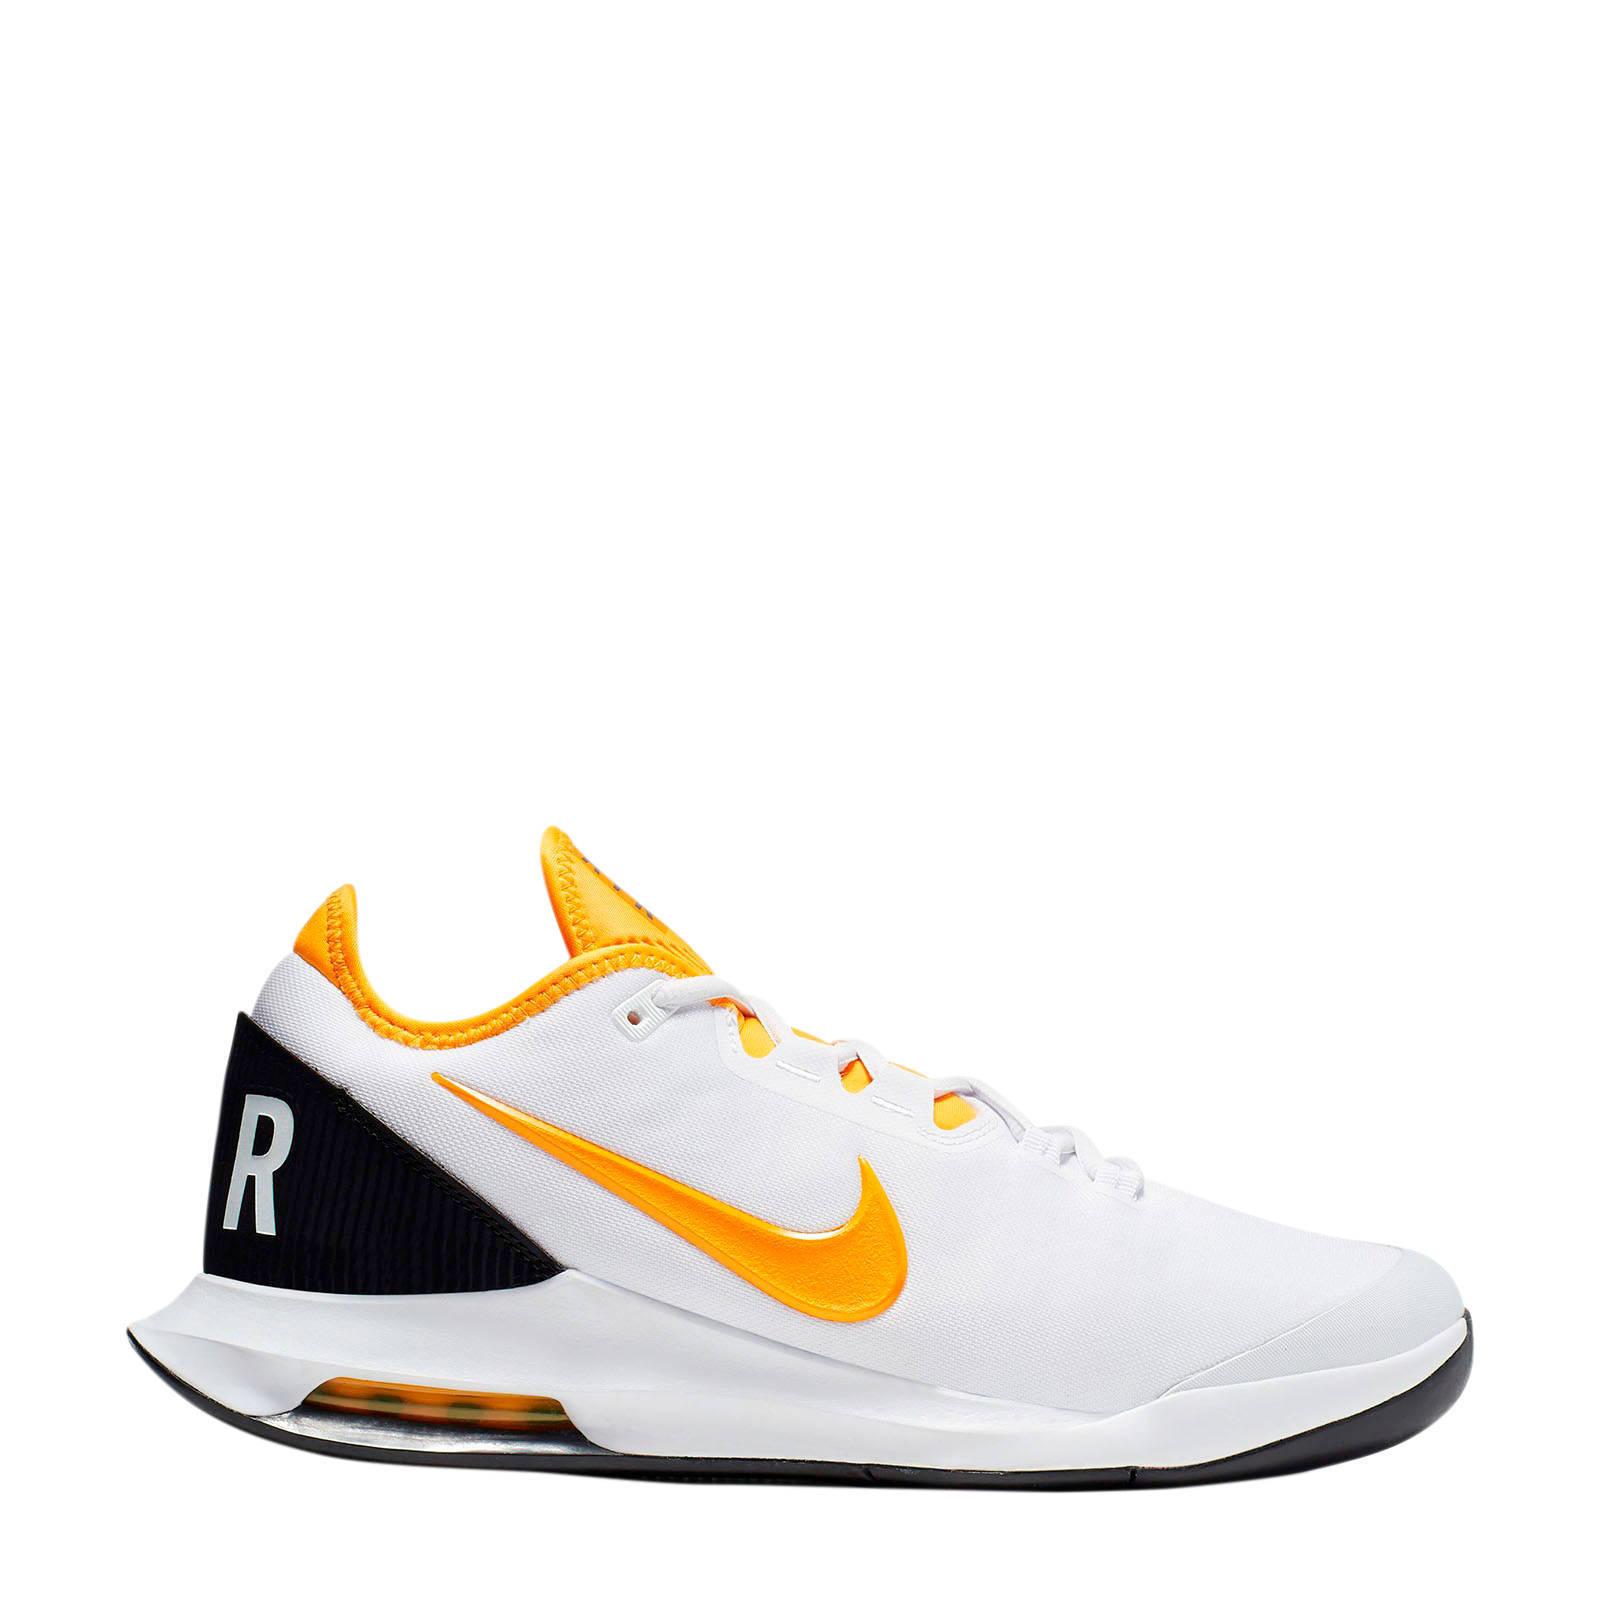 Nike Air Max Wildcard Hc tennisschoenen | wehkamp